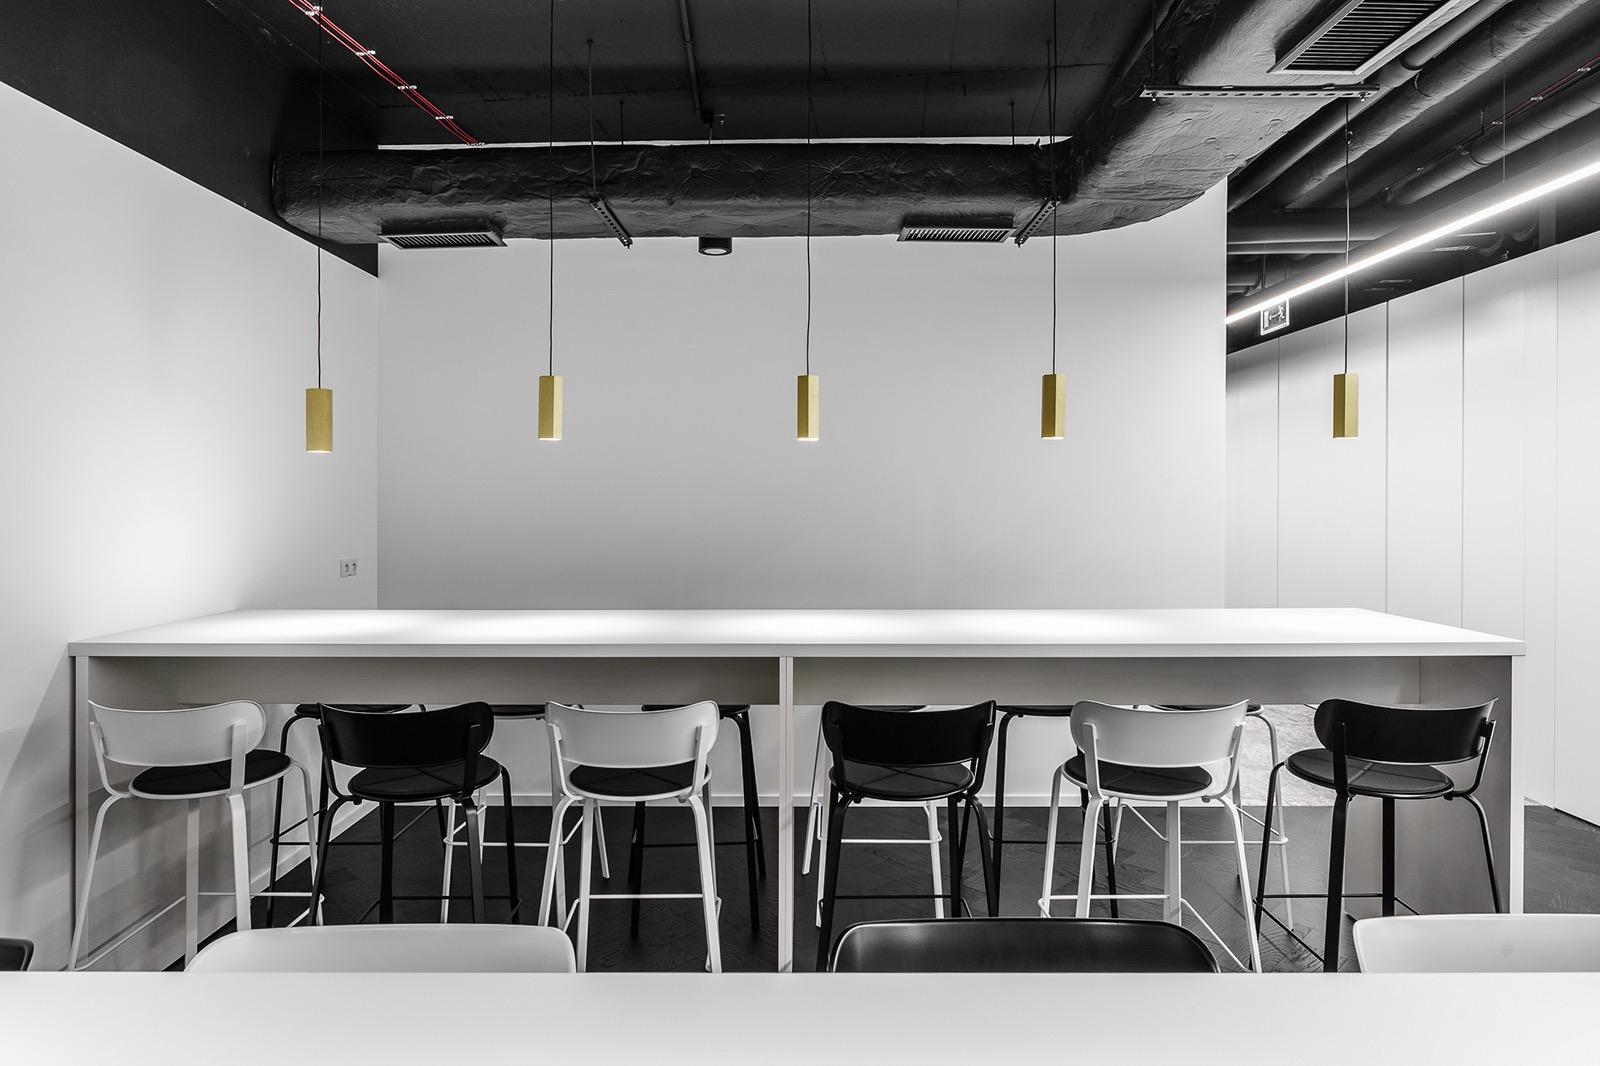 xl-catlin-office-12